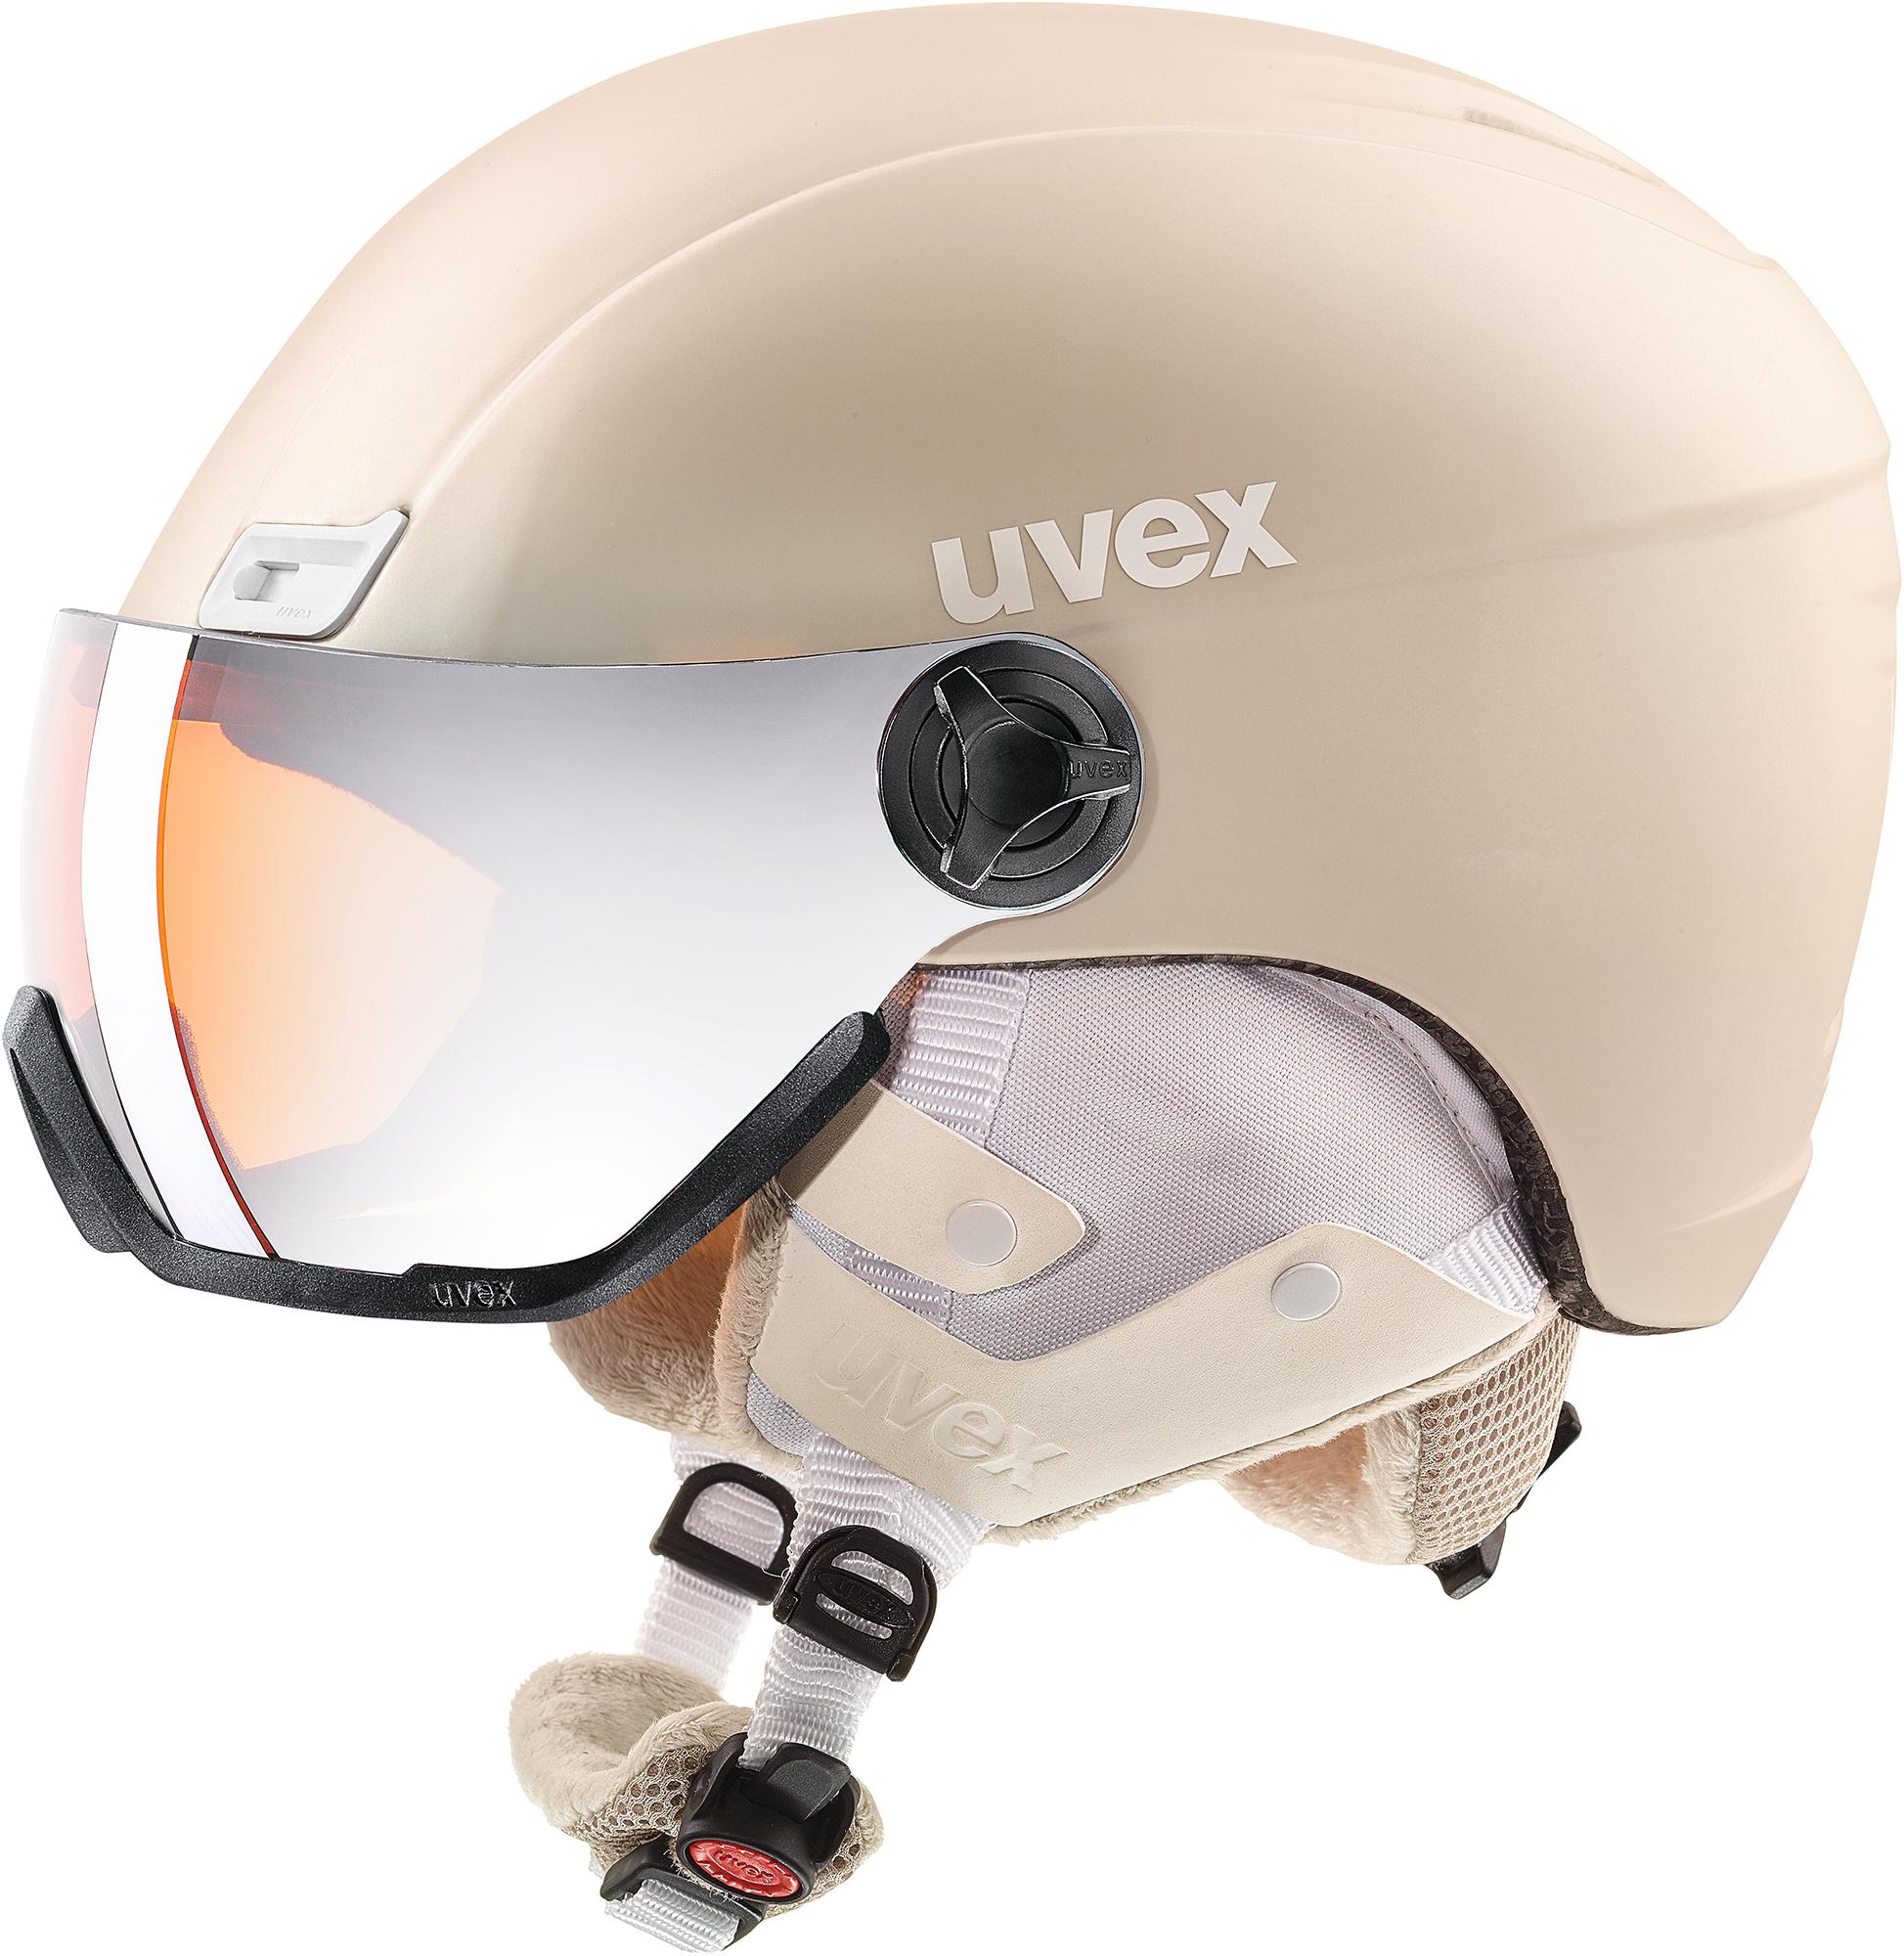 Uvex Шлем Uvex 400 Visor Style, размер 53-58